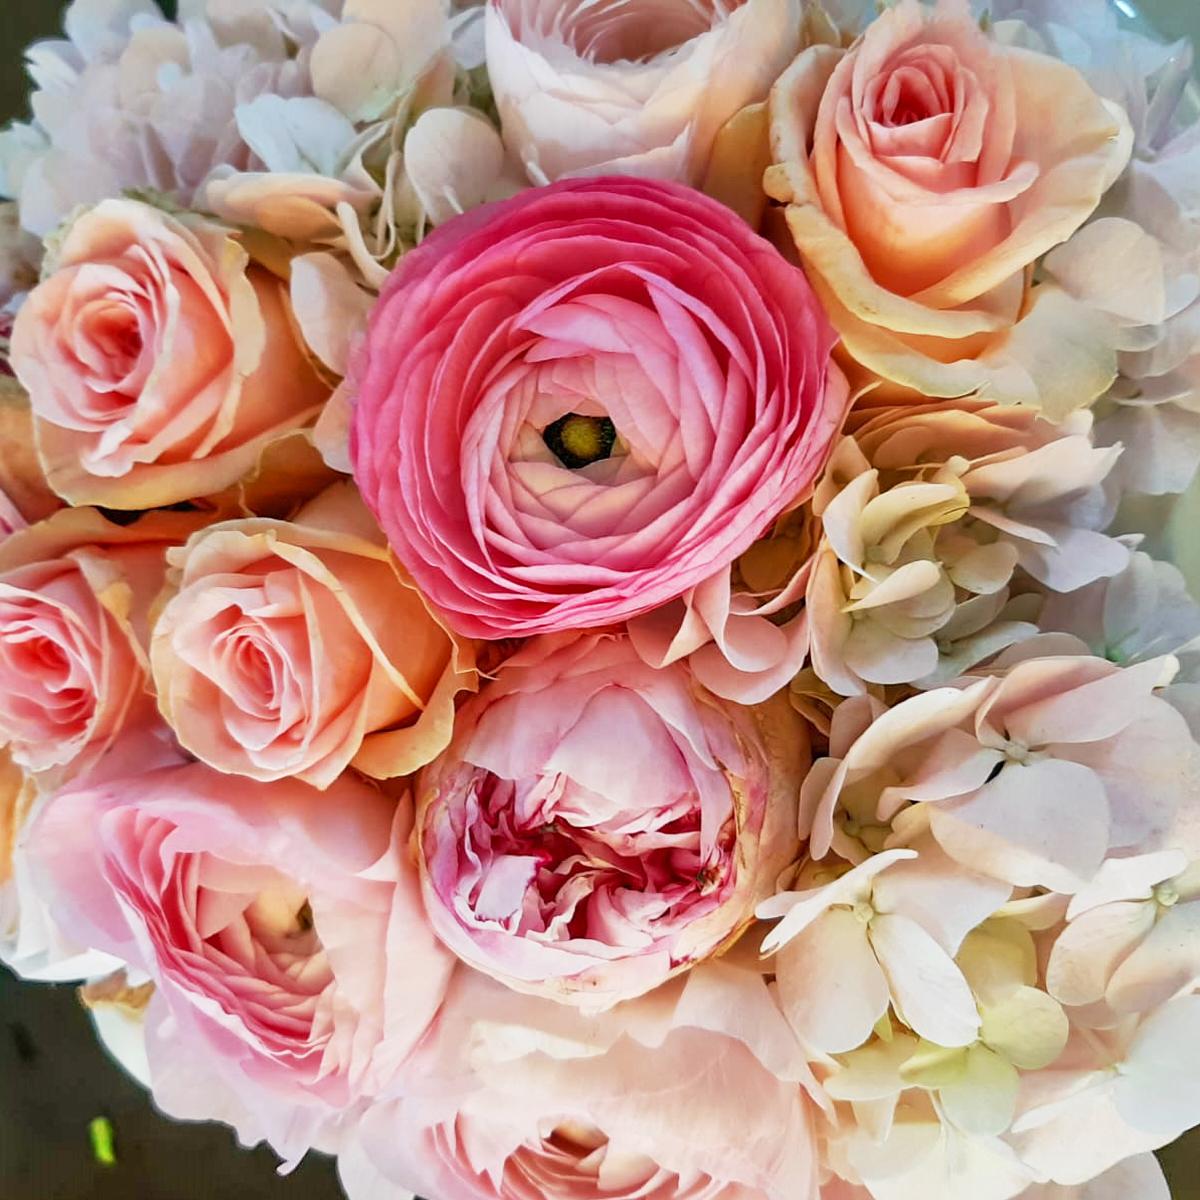 schöner Blumenstrauss - Denise Wolff - Am Blummegaertchen